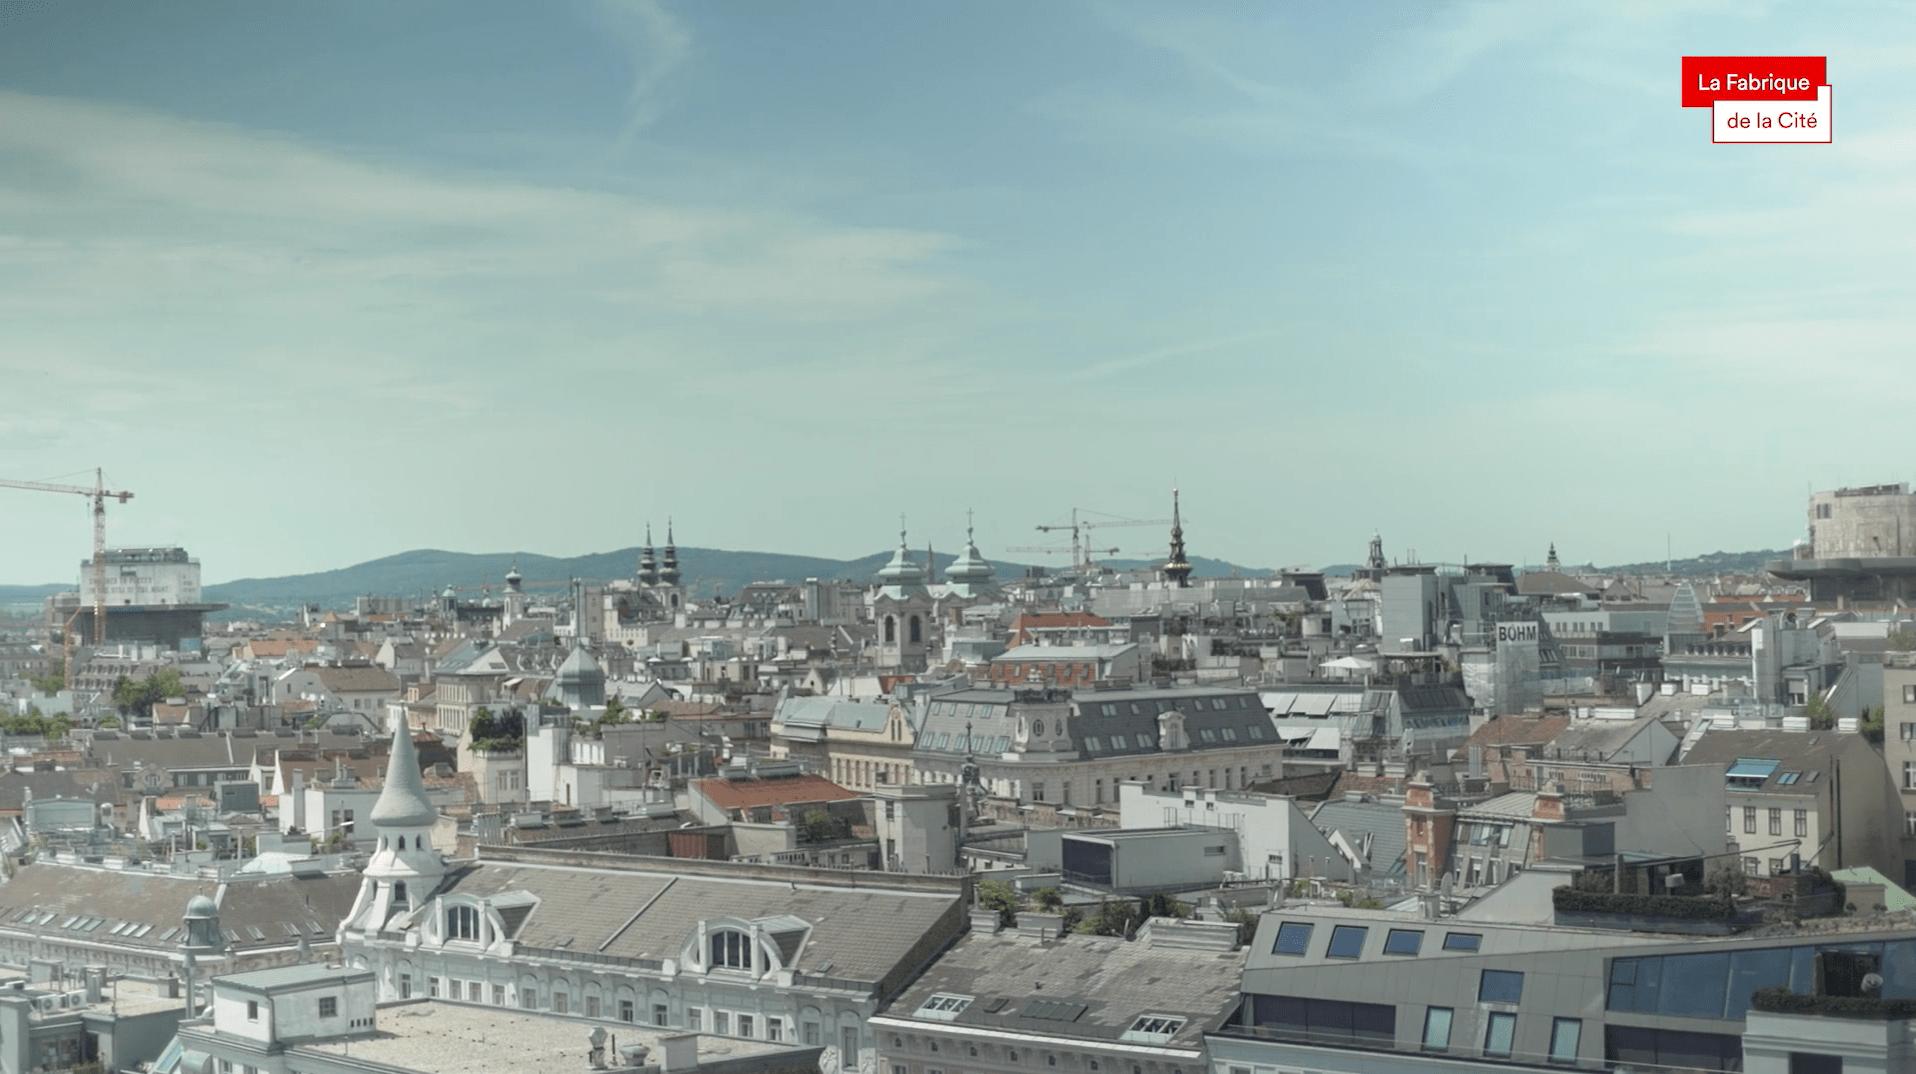 Séminaire international - La Fabrique de la Cité - Vienne 2018